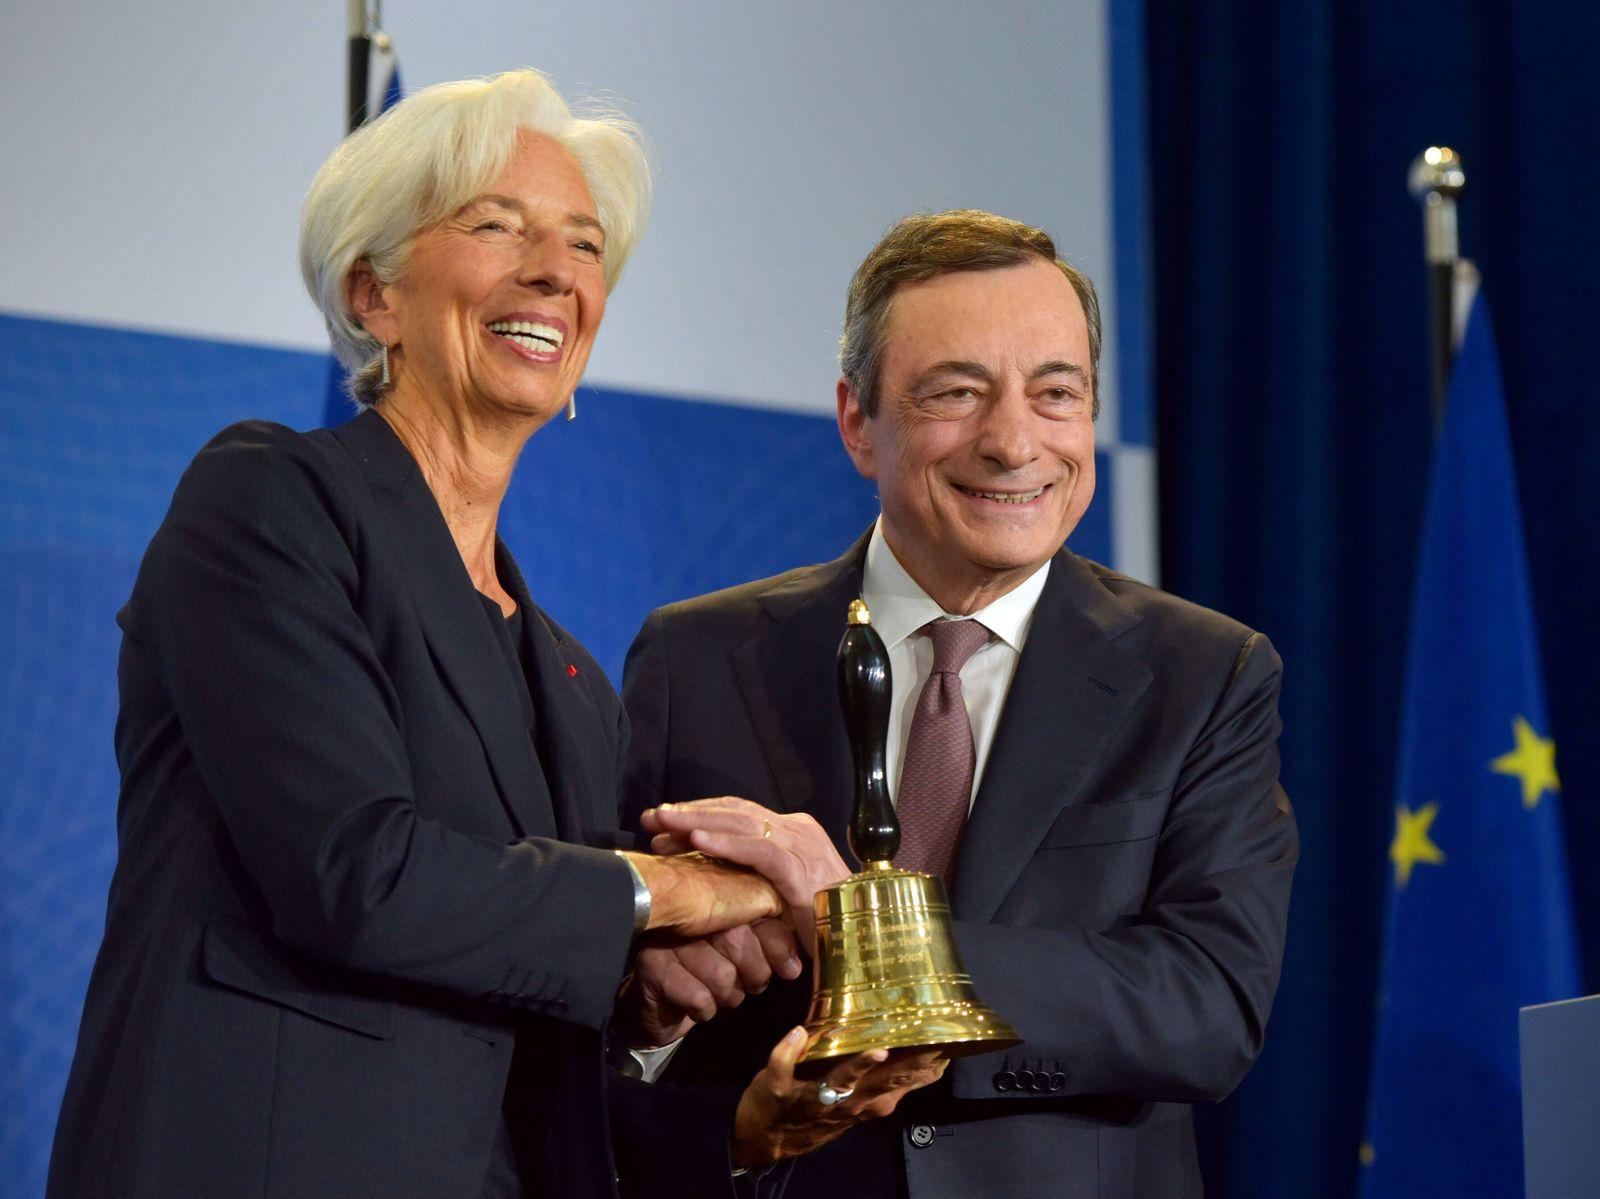 Deutschland, Frankfurt, 28.10.2019 Amtswechsel bei der EZB Foto: Mario Draghi und Christine Lagarde Amtswechsel bei der